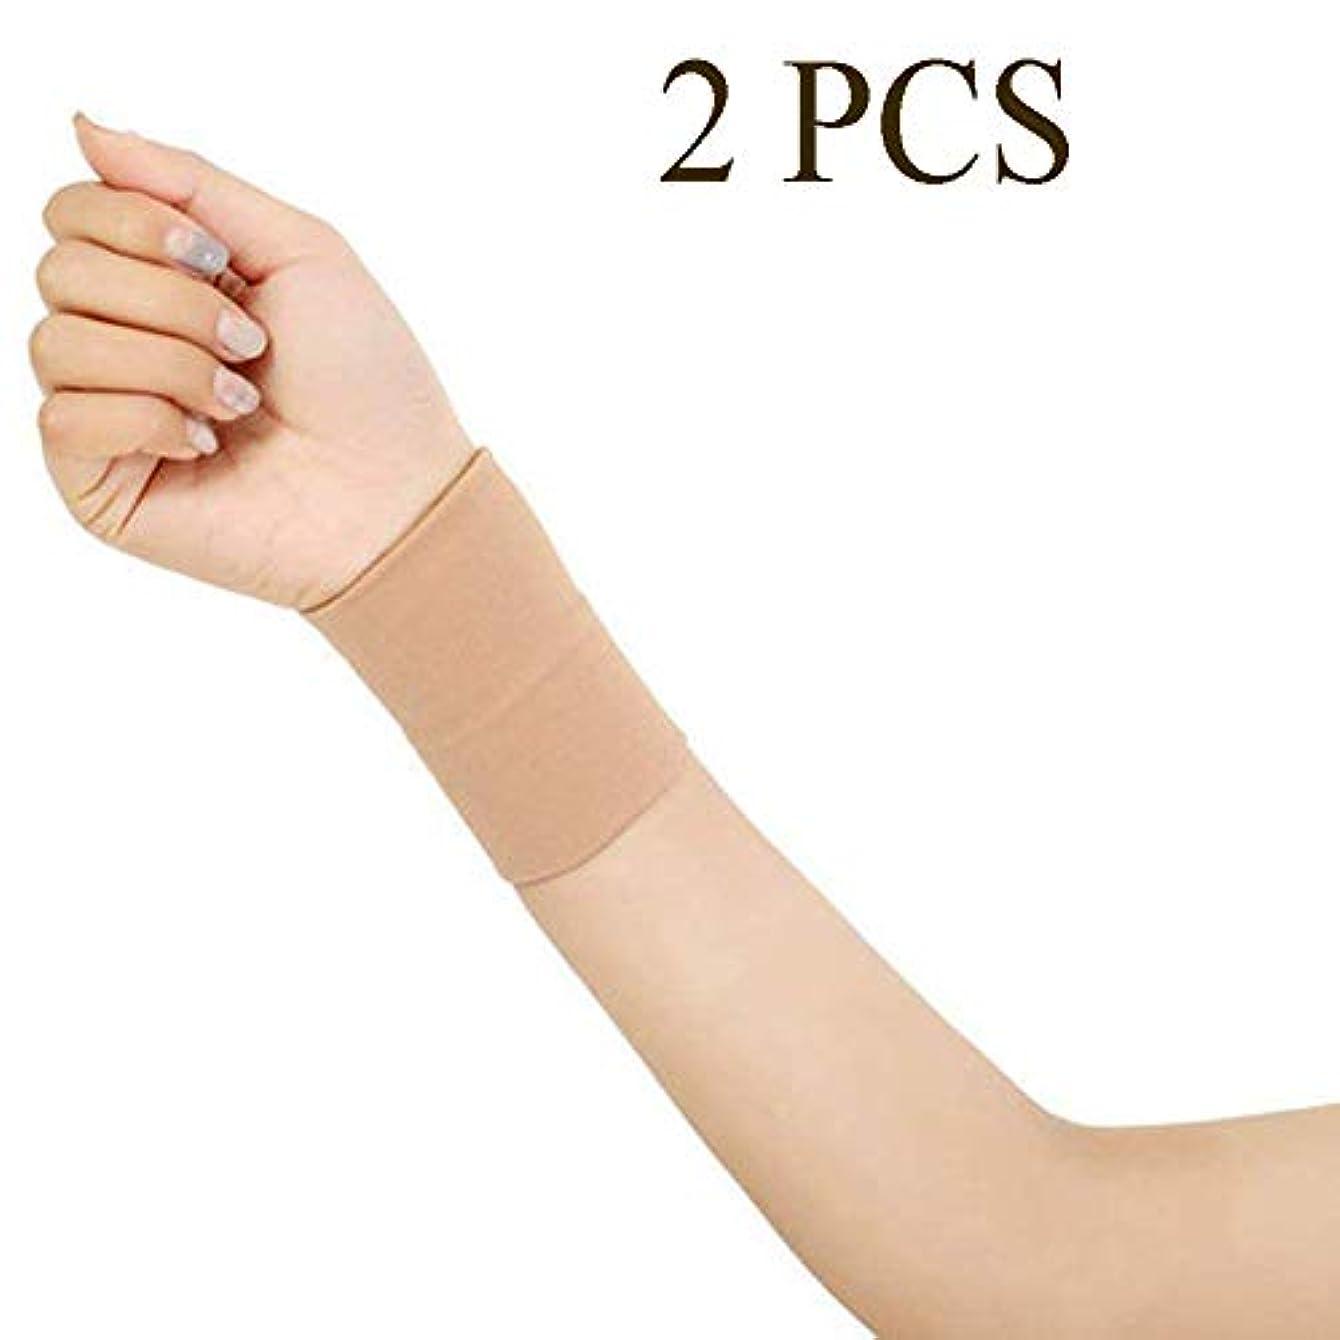 規制する安定しました散文テニスジムスポーツ腱鞘炎関節痛1ペアのための手首のサポート圧縮手首スリーブブレースサポート回復ブレースラップスリーブユニセックス,XL